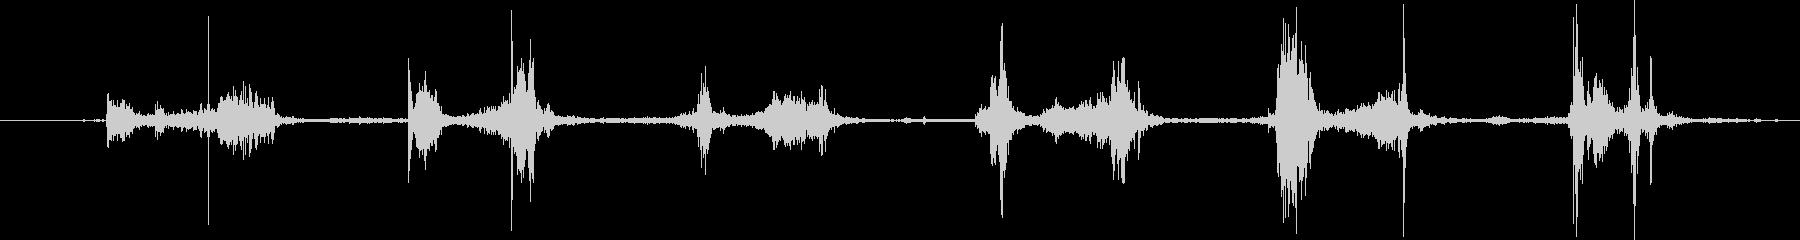 トランプ:2ハンドソフトシャッフル...の未再生の波形